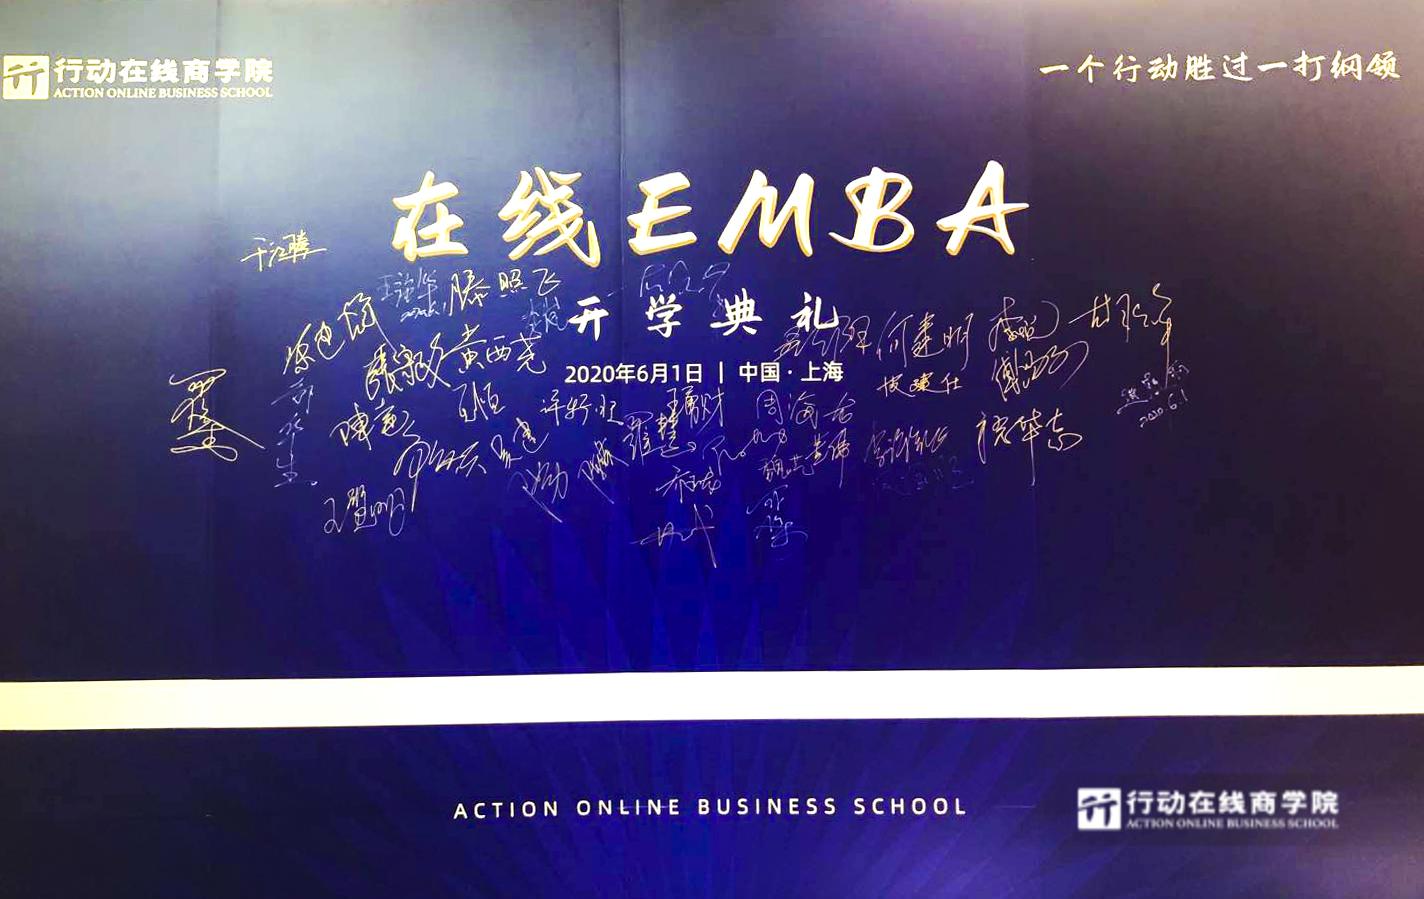 """教科书级别的""""义乌企业战前动员"""",管理者怎么借鉴?"""